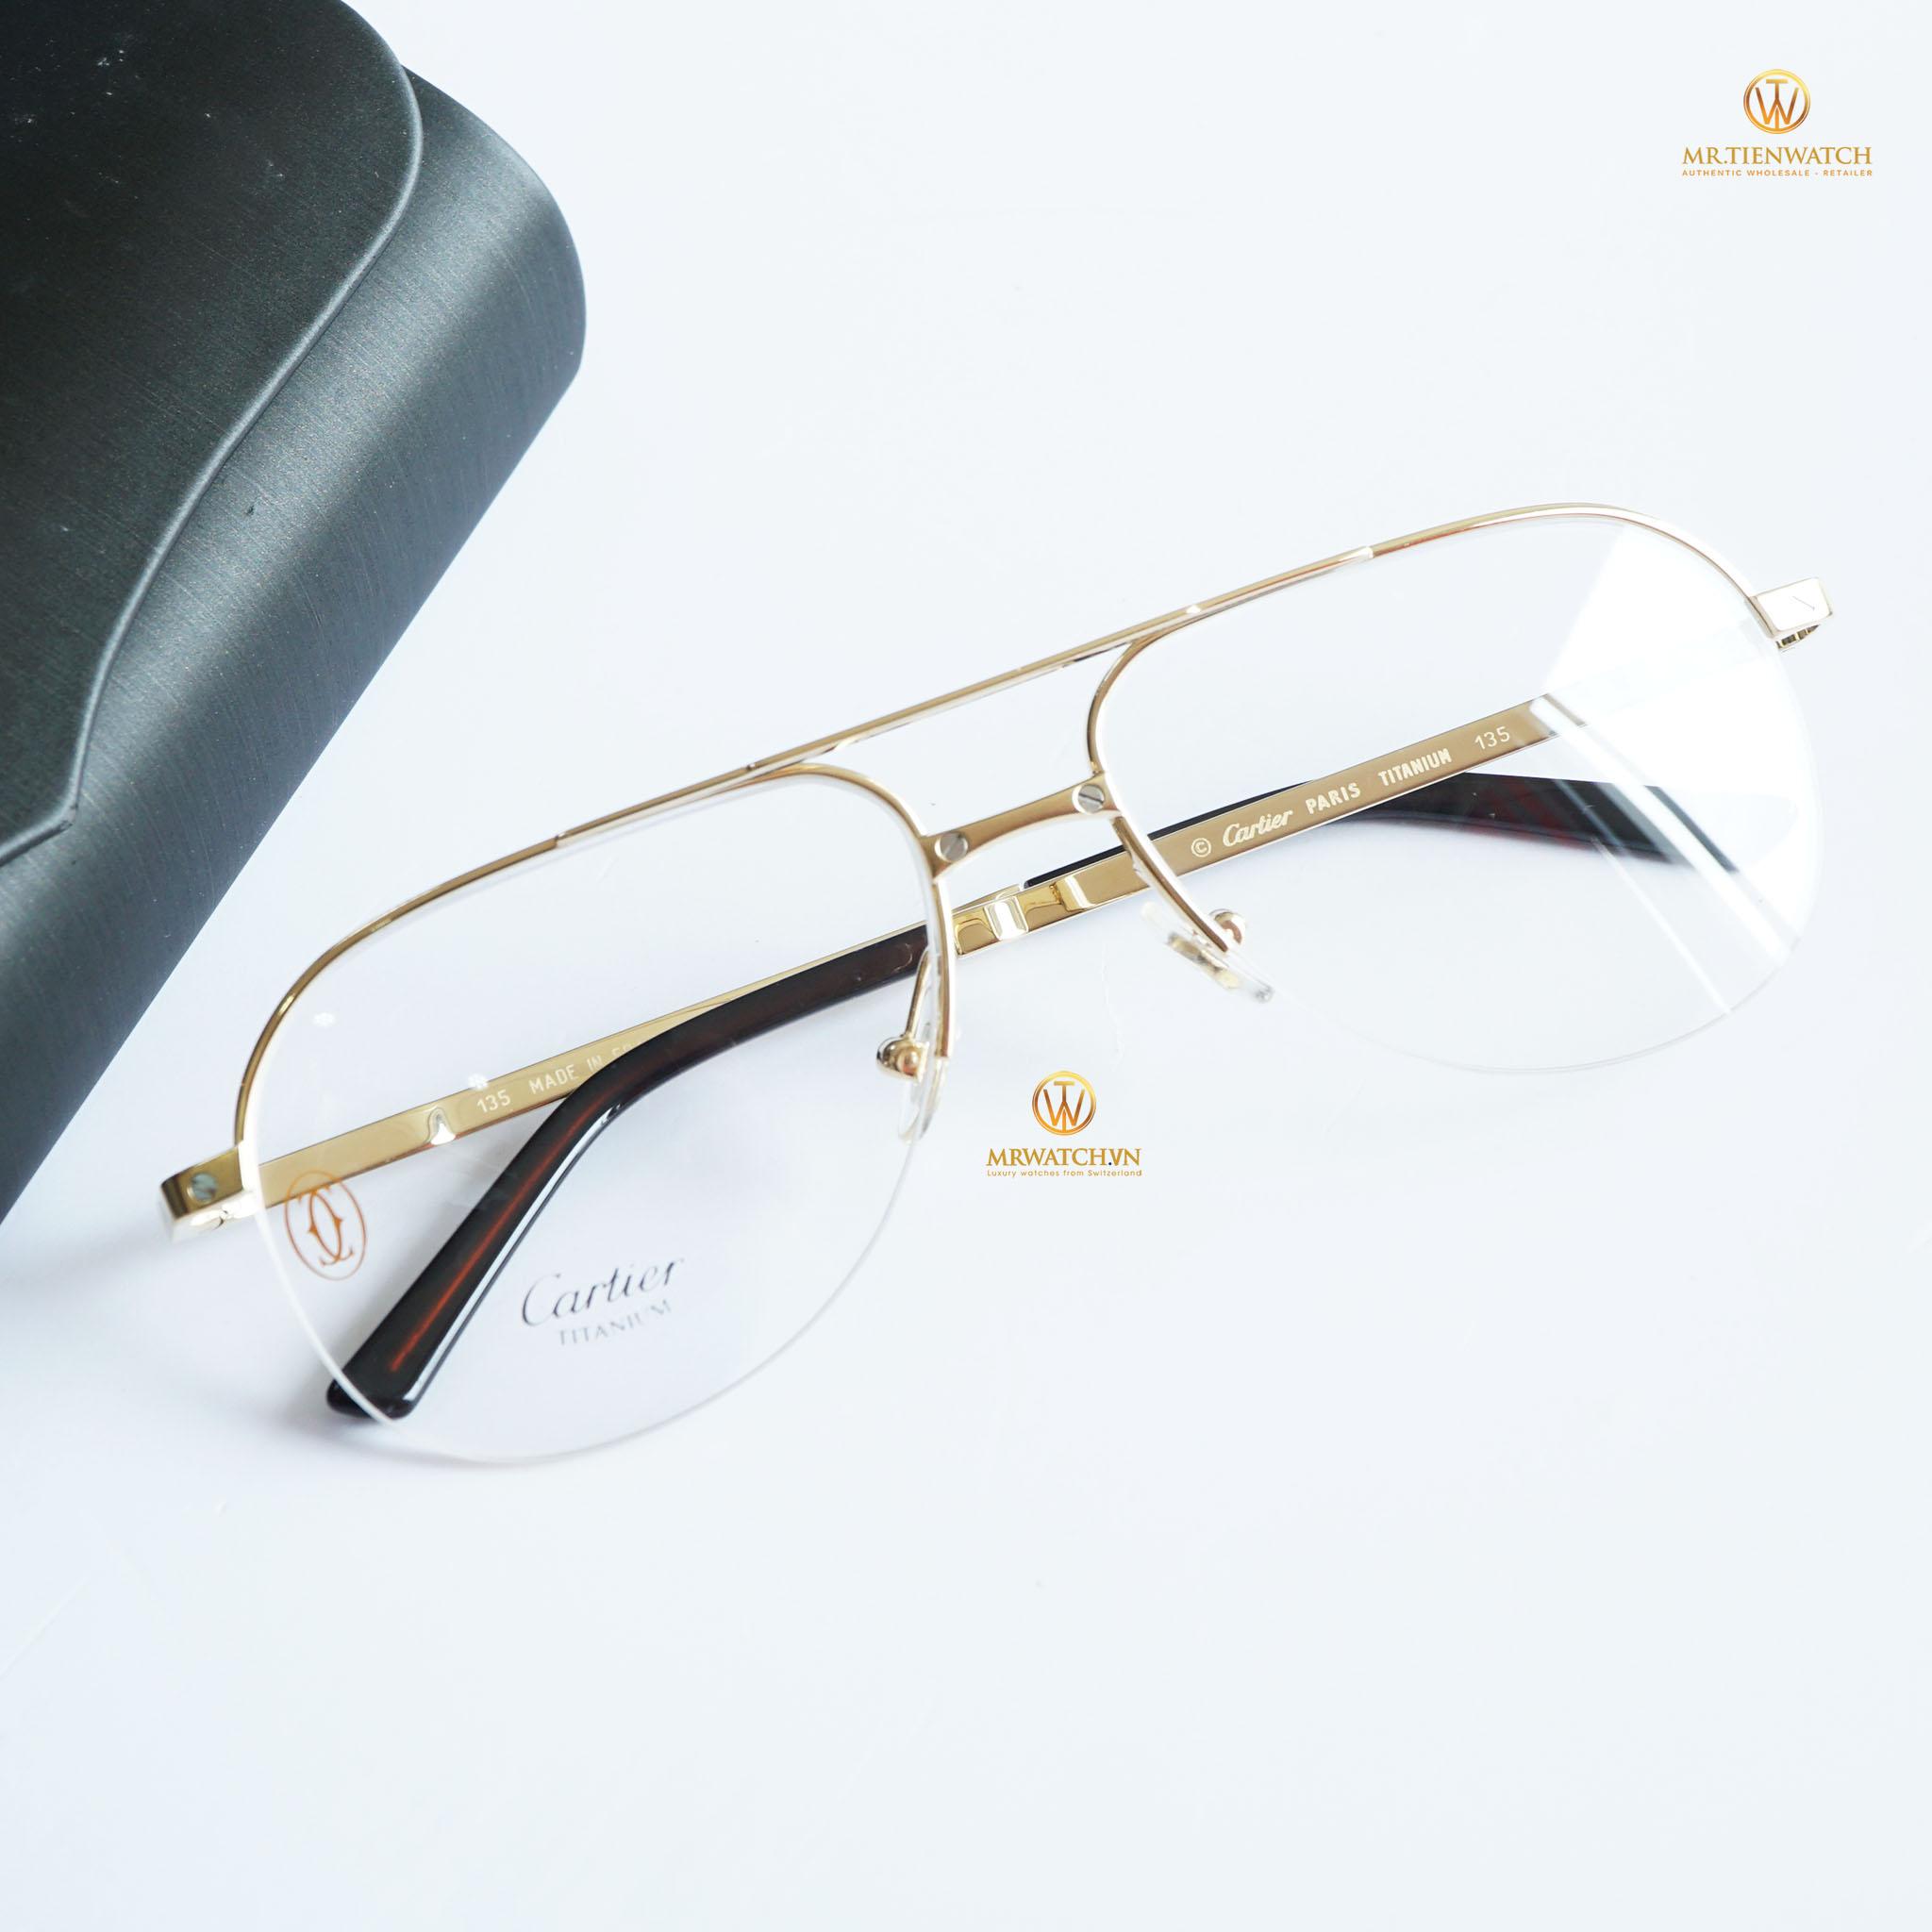 Cartier De Santos T8100929 Titanium Bọc vàng 18K